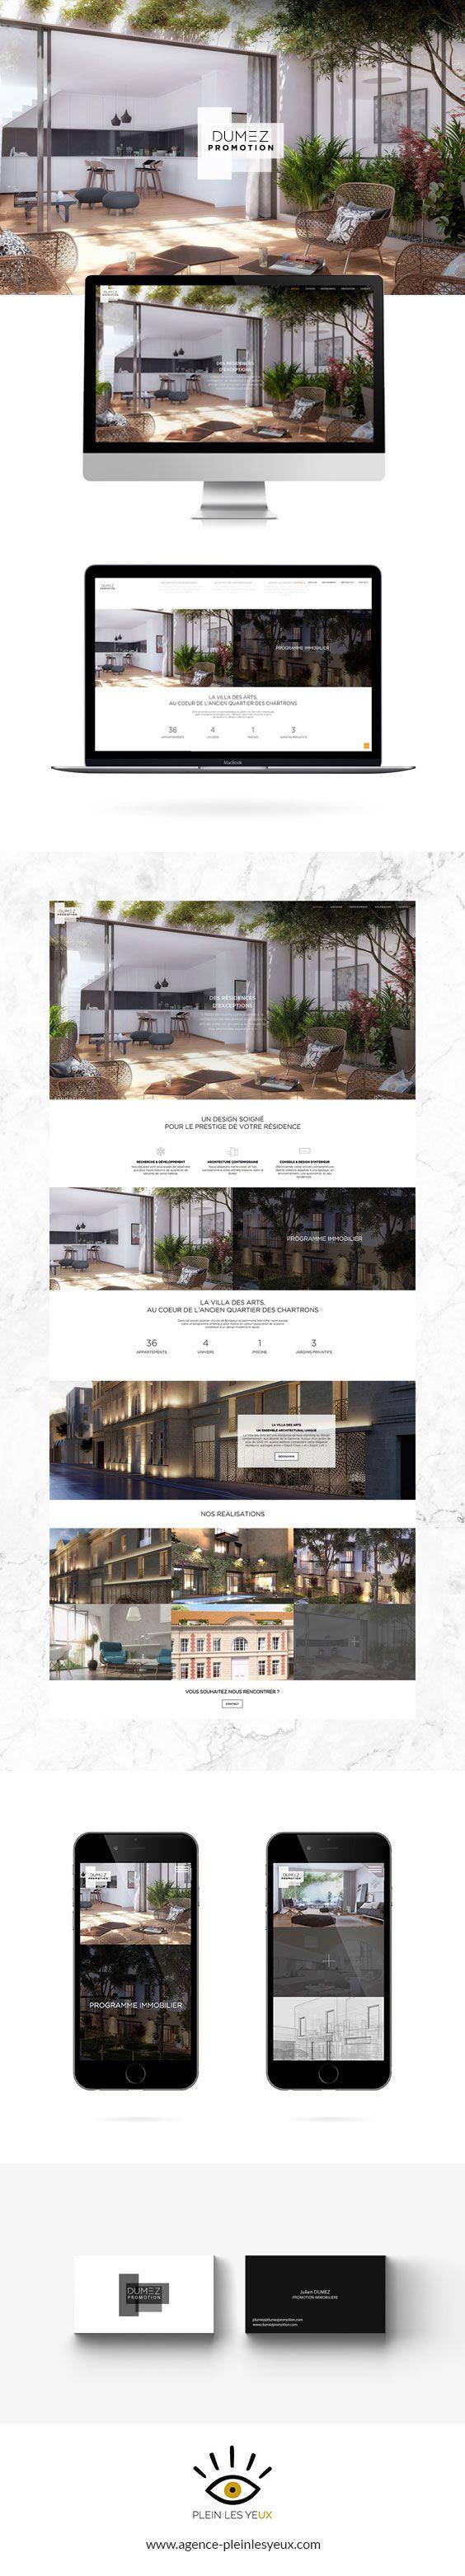 Dumez Promotion, le promoteur immobilier bordelais a fait appel à l'agence Plein les Yeux pour la direction artistique et la création de l'identité visuelle de son entreprise, de son site vitrine et de son contenu visuel.